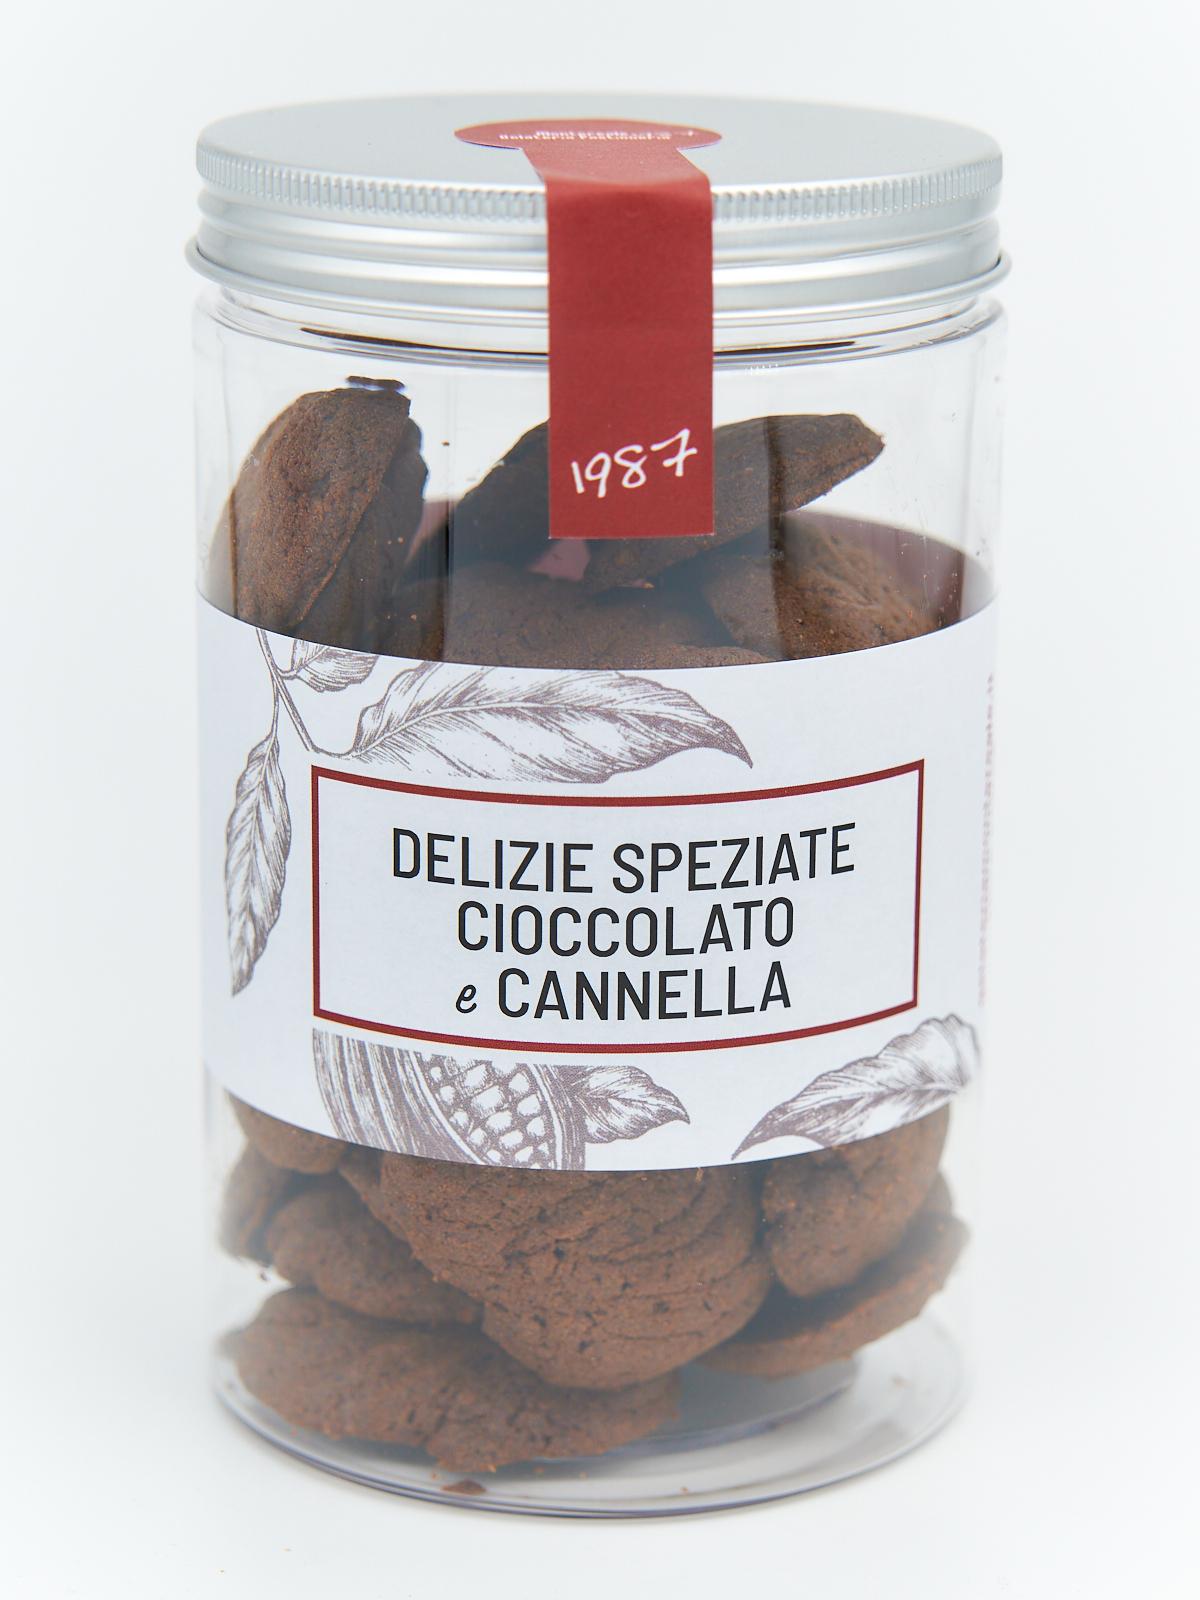 Delizie Speziate Cioccolato e Cannella